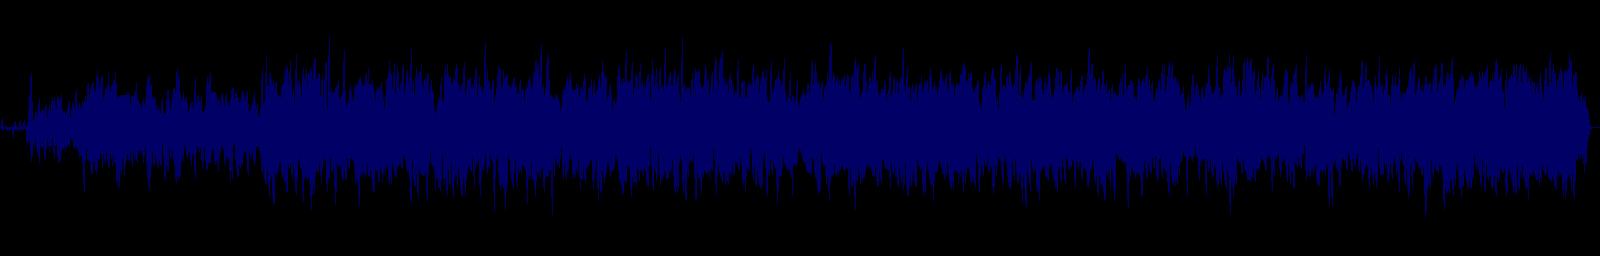 waveform of track #159617